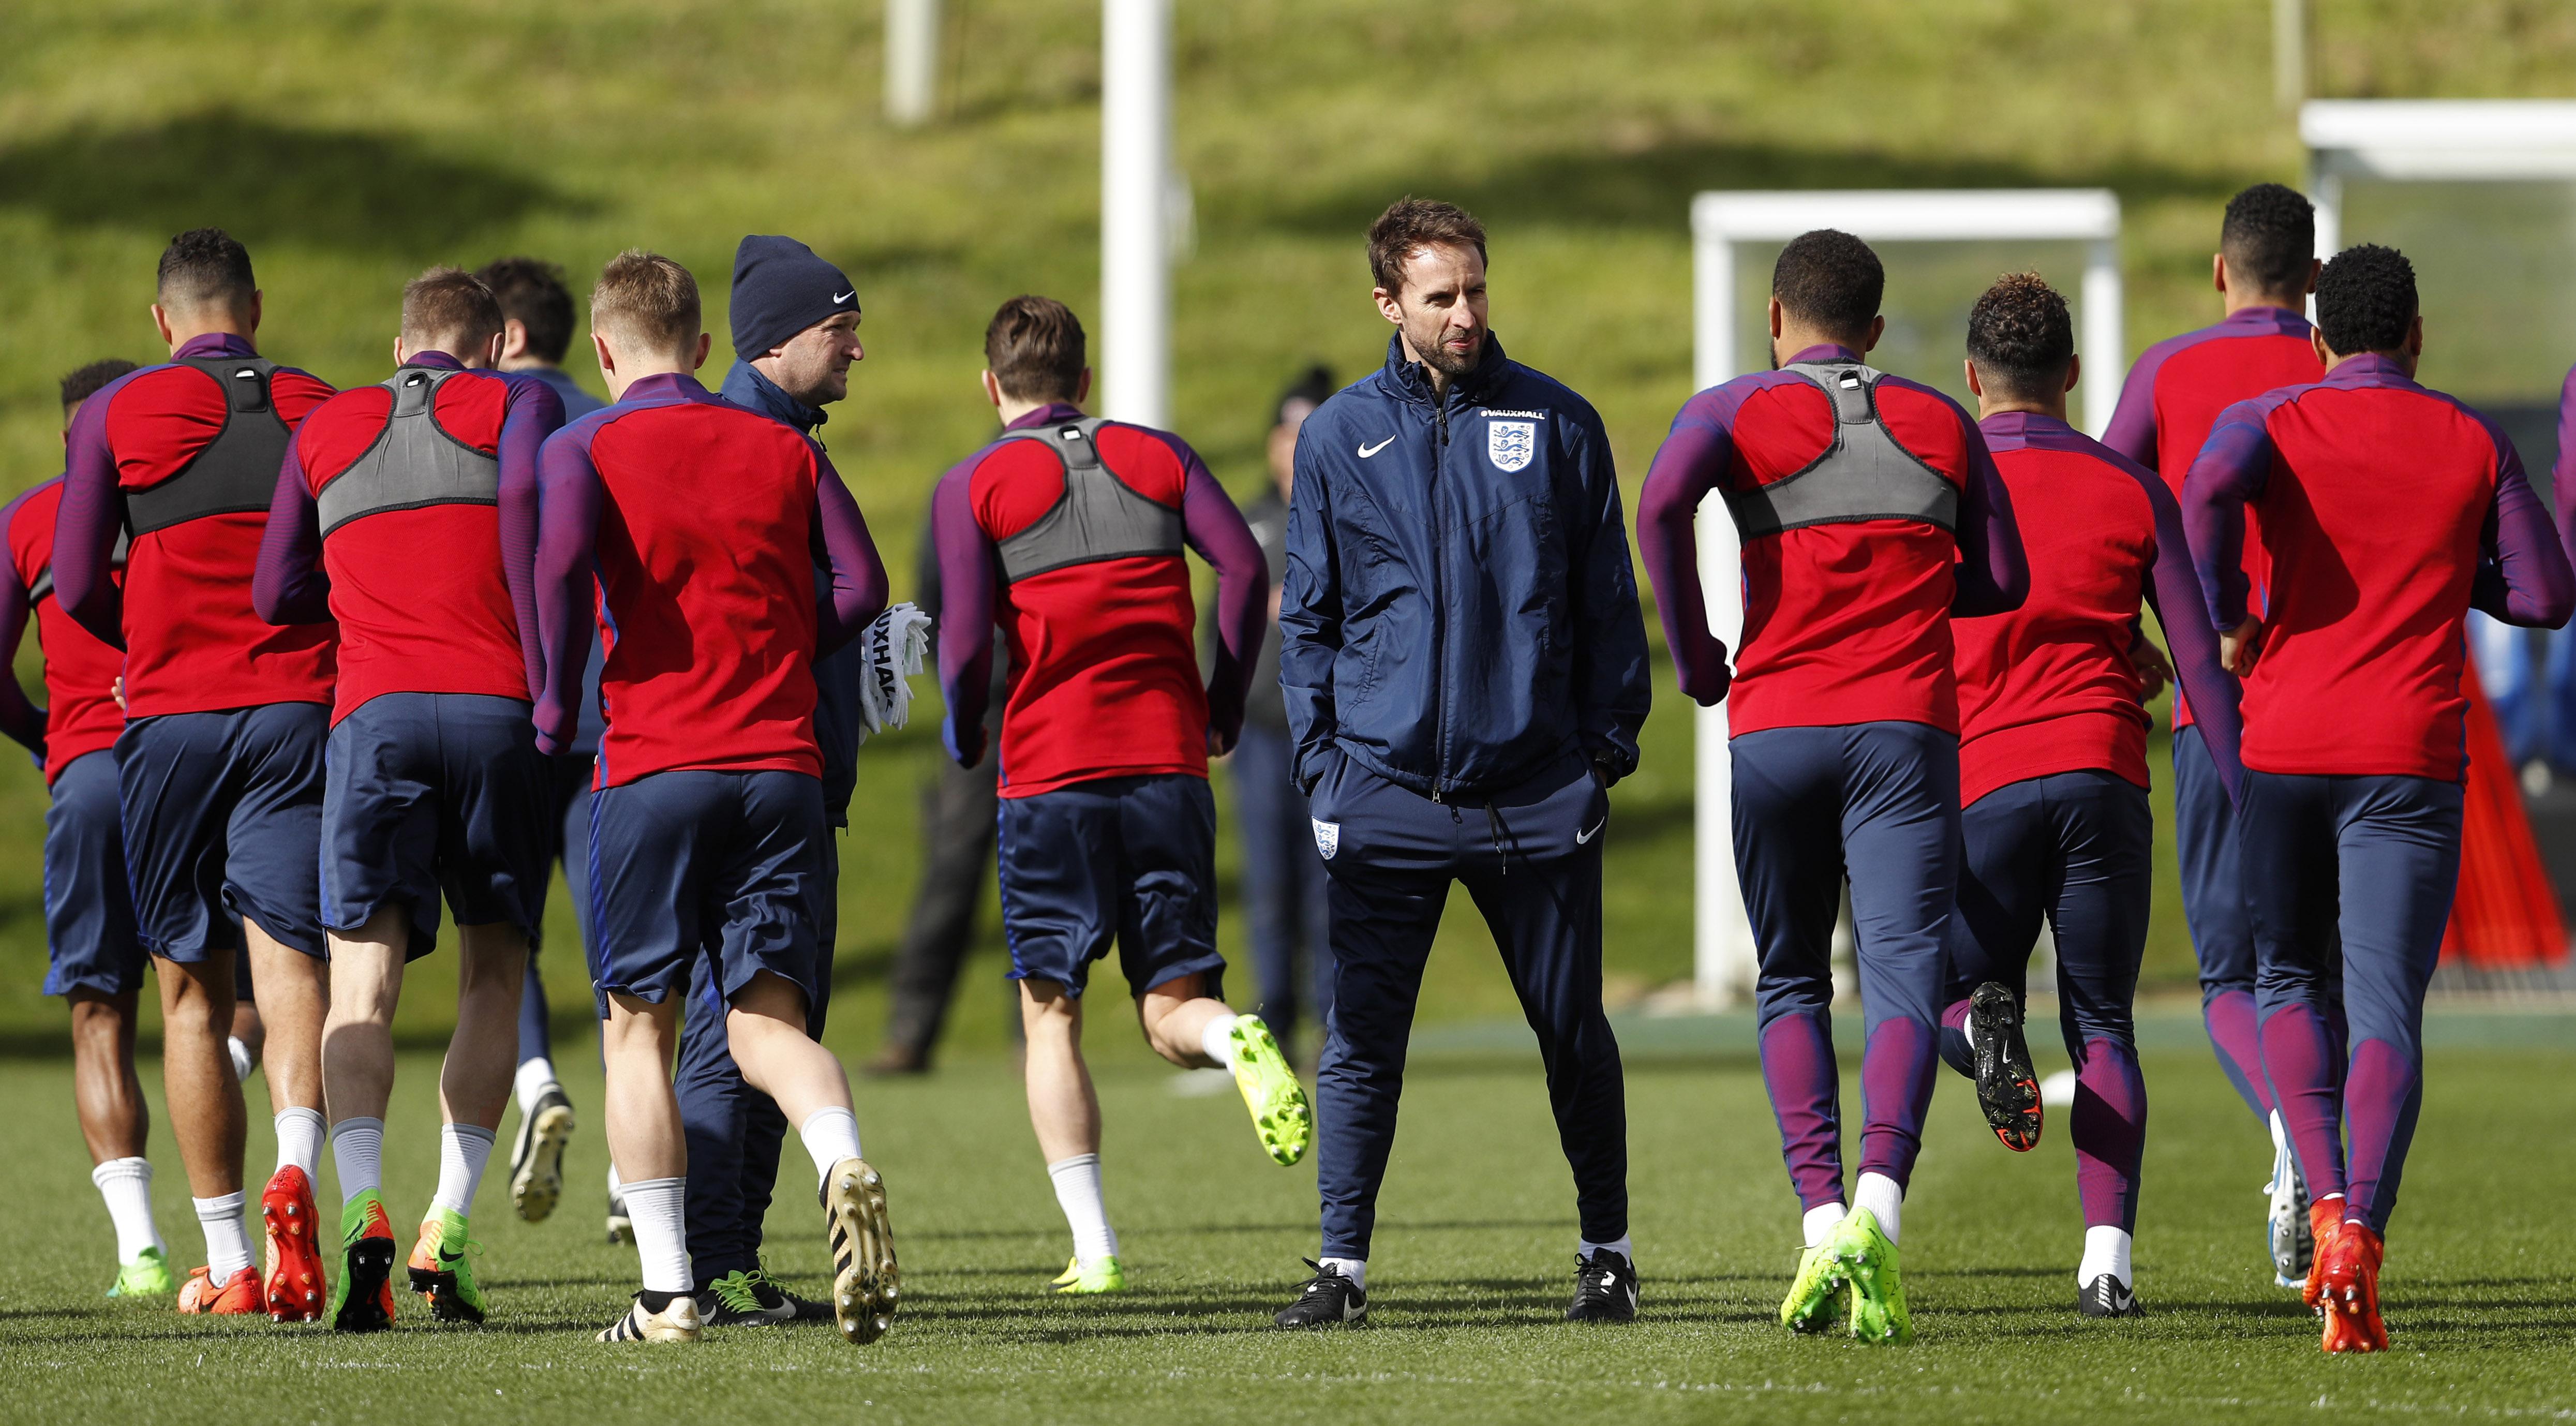 2017年3月22日,英格兰队主教练索斯盖特(中)带队在圣乔治公园进行训练。